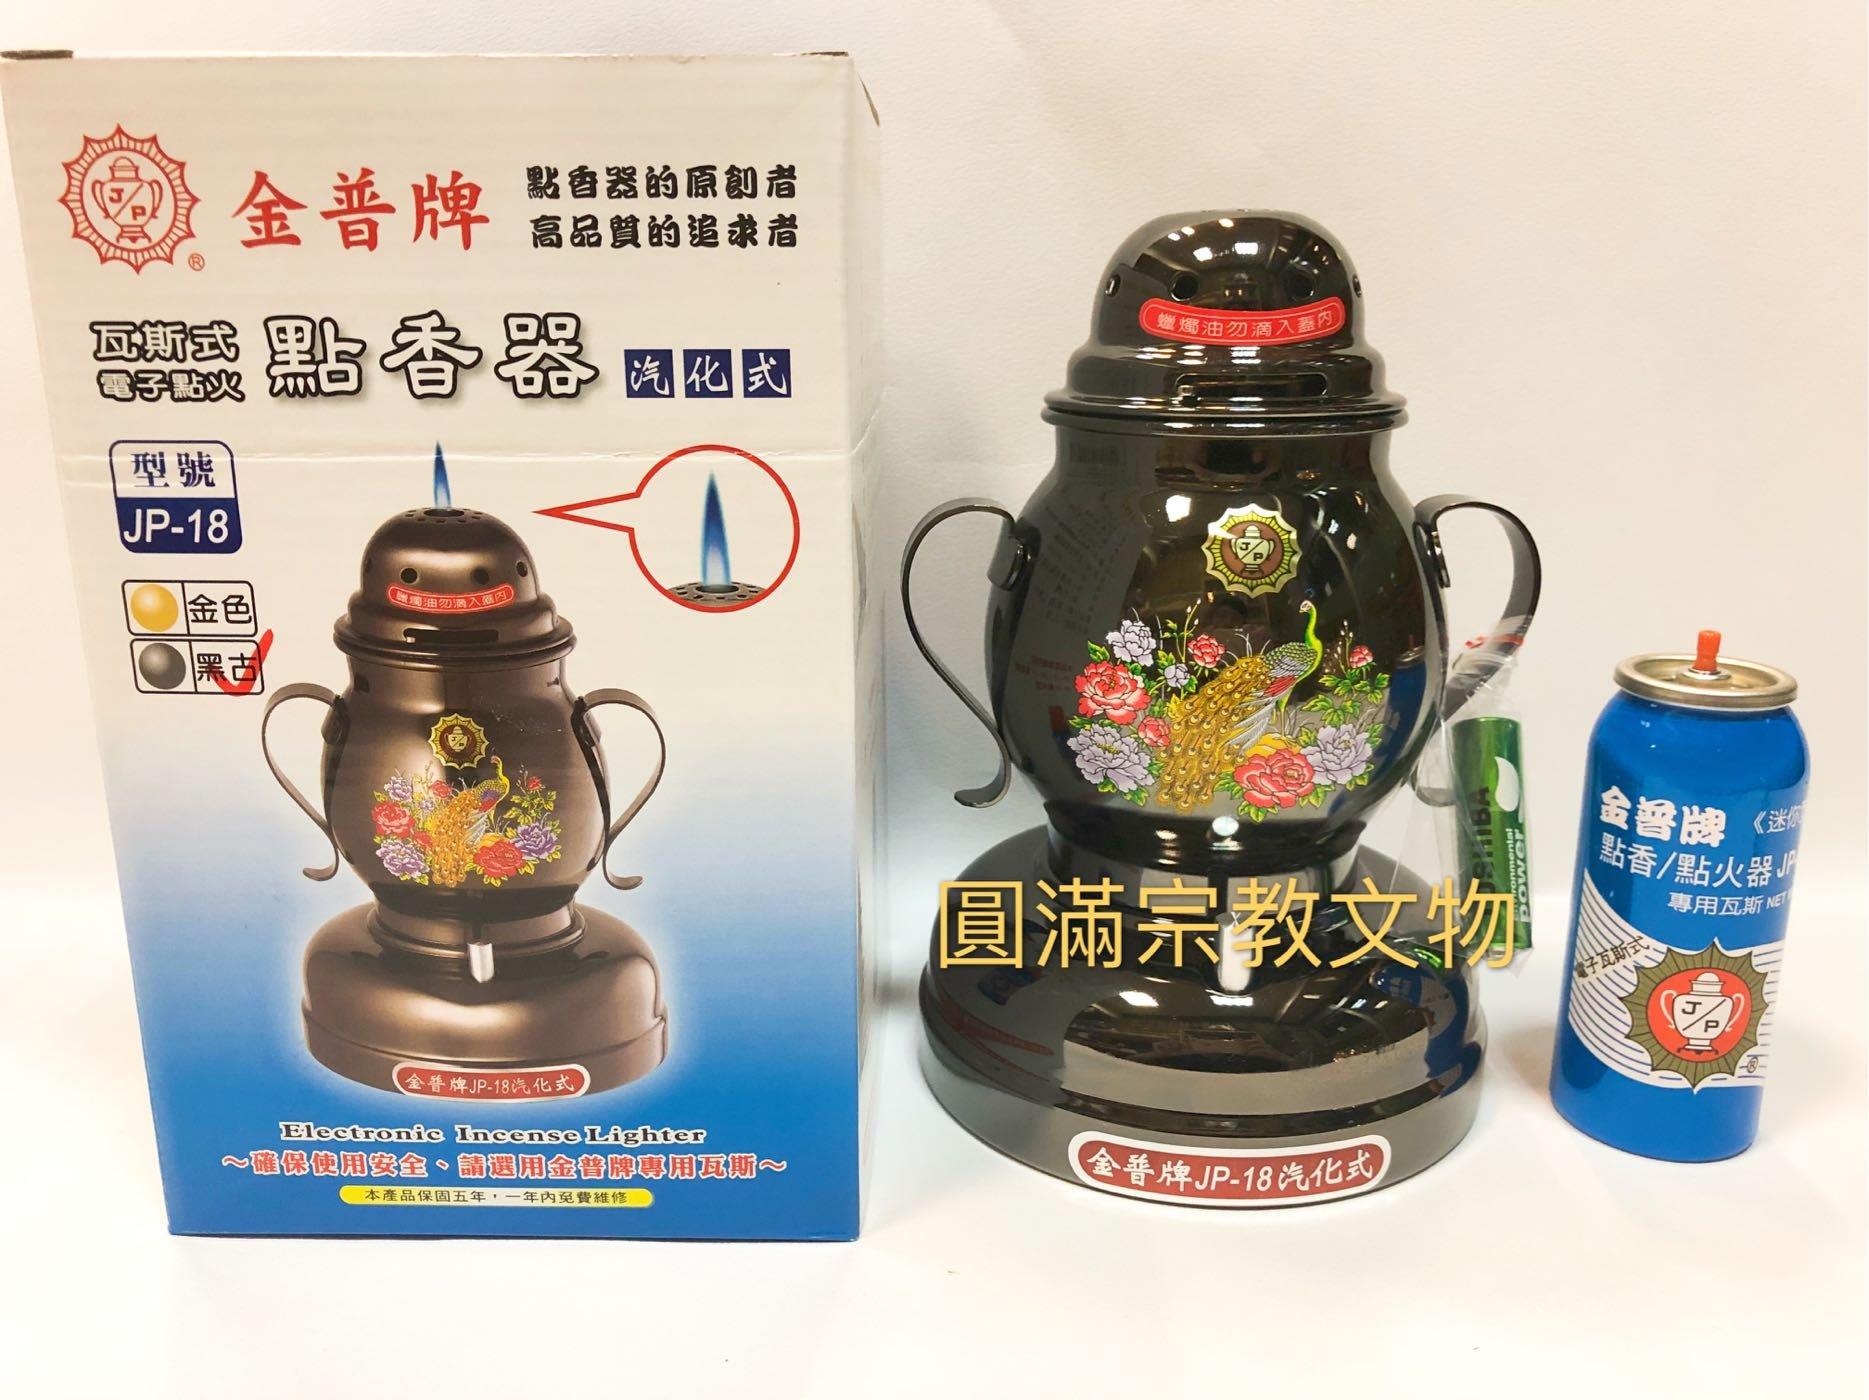 (圓滿宗教文物)桌上型金普點香器JP-18汽化式 電子式 點香器